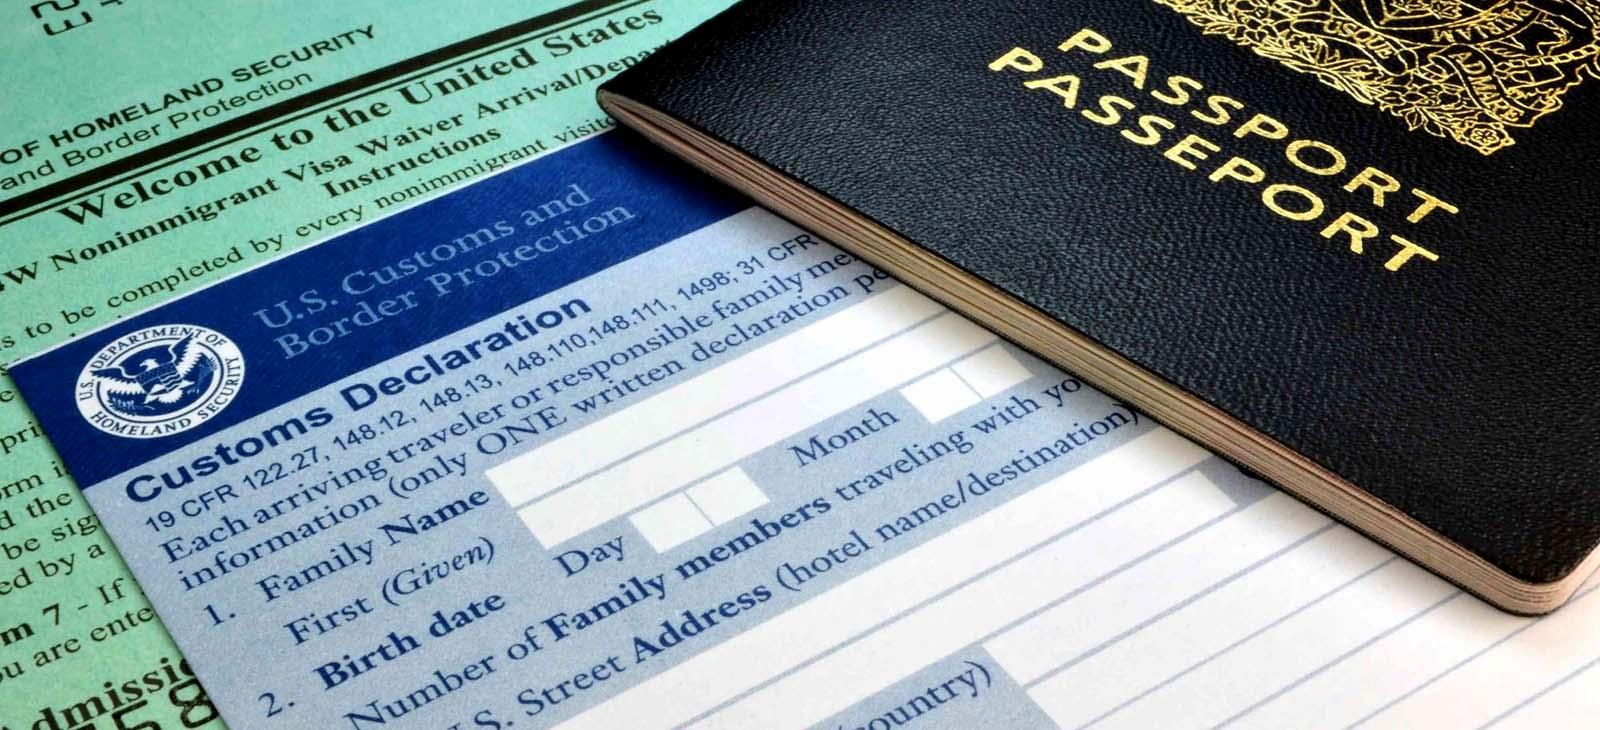 چگونه مجوز بند ب بگیریم؟